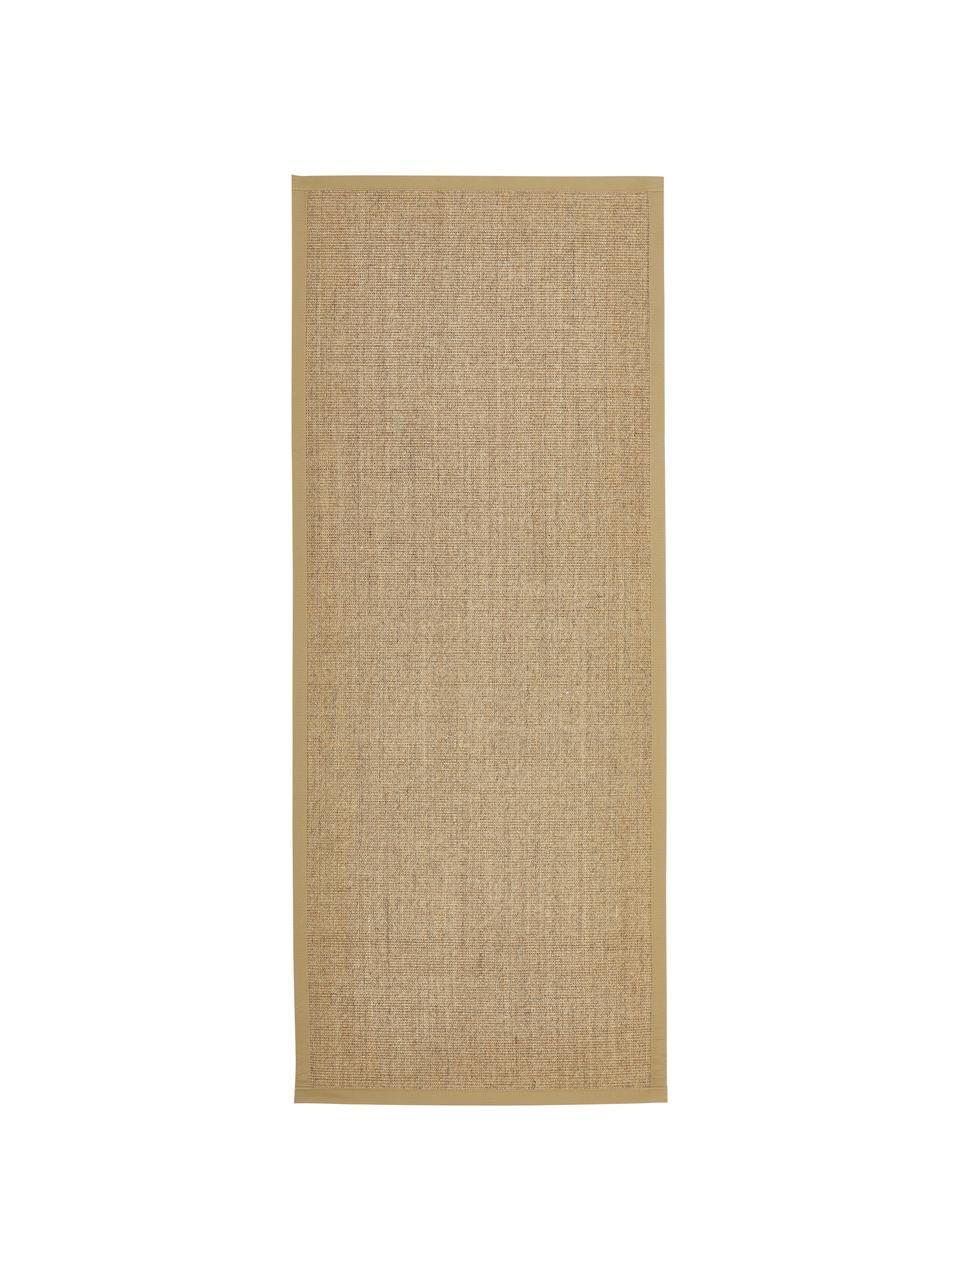 Chodnik z sizalu Leonie, Beżowy, S 80 x D 300 cm